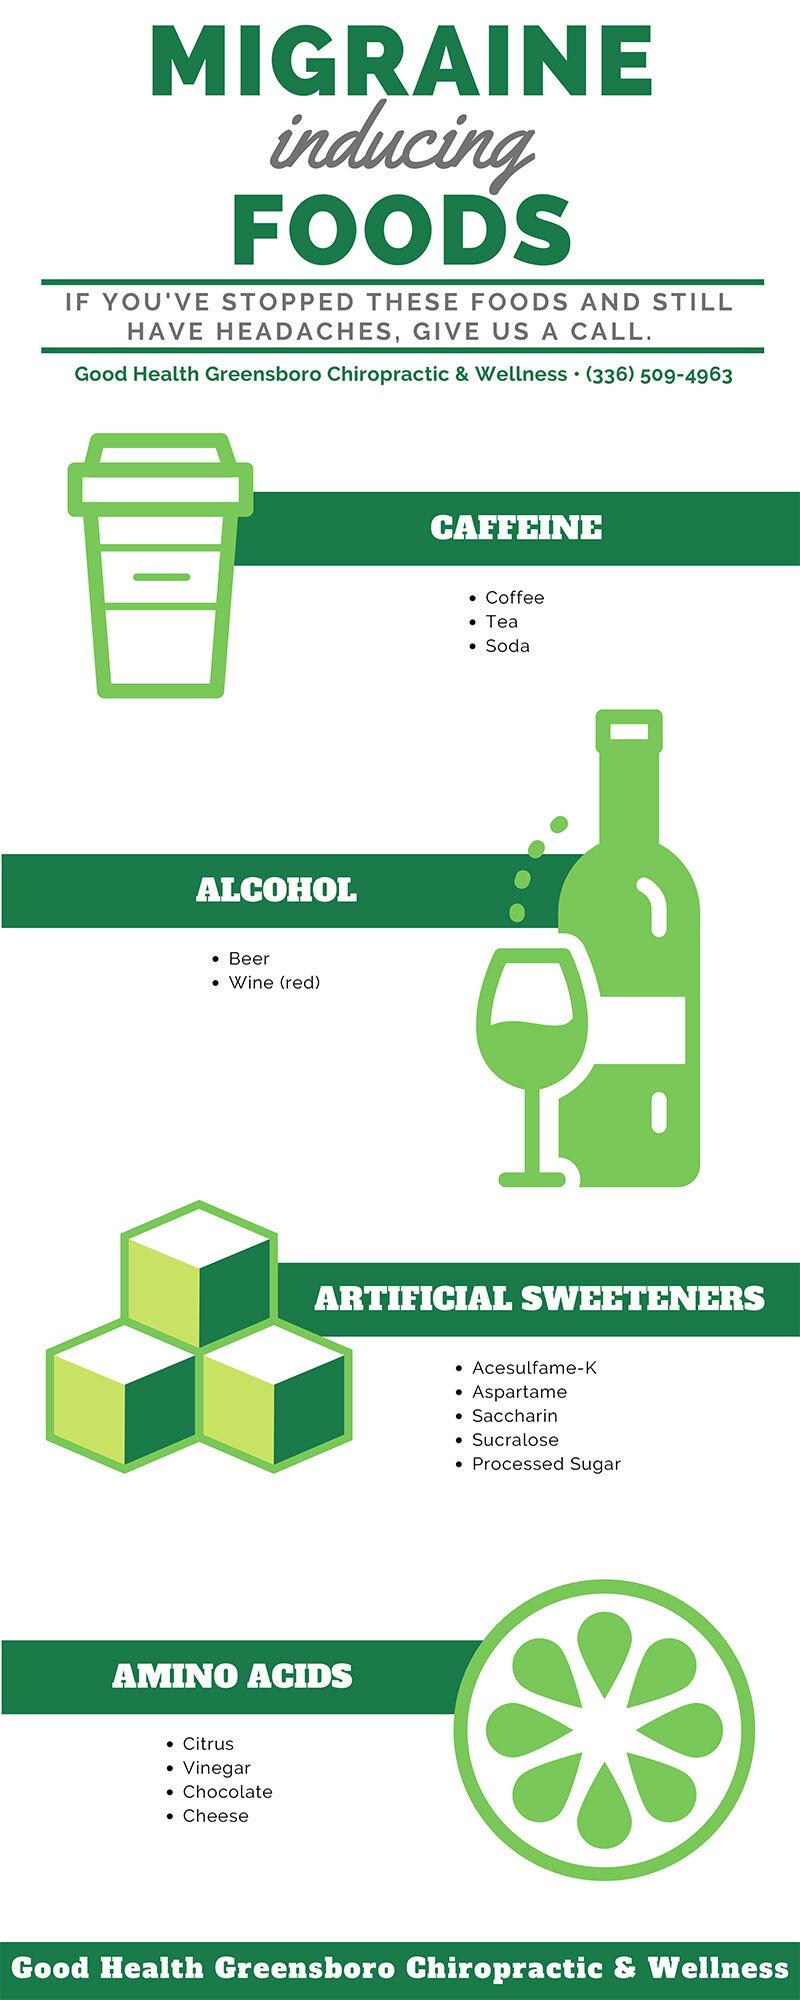 Migraine Foods